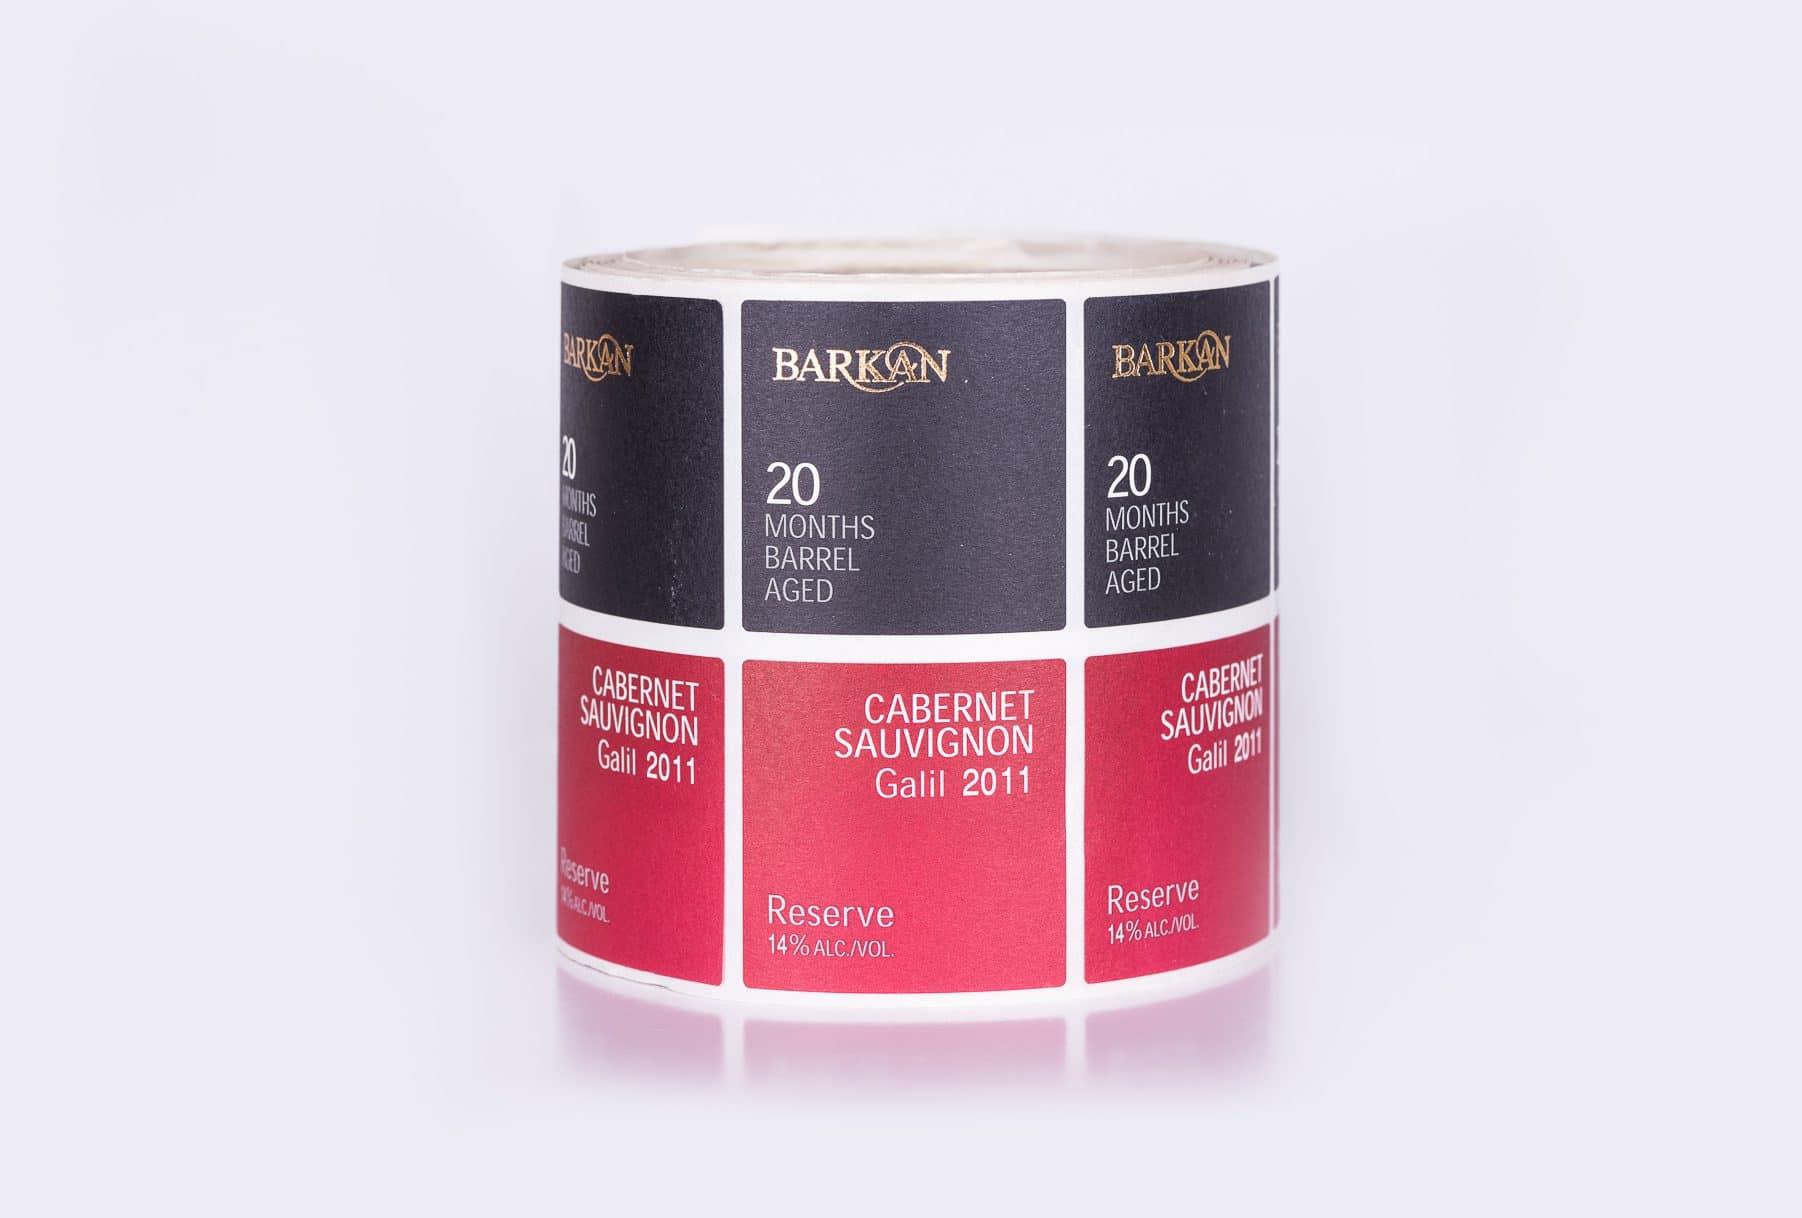 הדפסת תוויות יין קברנה סוביניון, 14% אלכוהול מהדורת 2011 ליקבי ברקן. התוויות מתחלקת לשני חלקים, צבע העליון בצבע שחור וחלק השני מלמטה בצבע אדום.